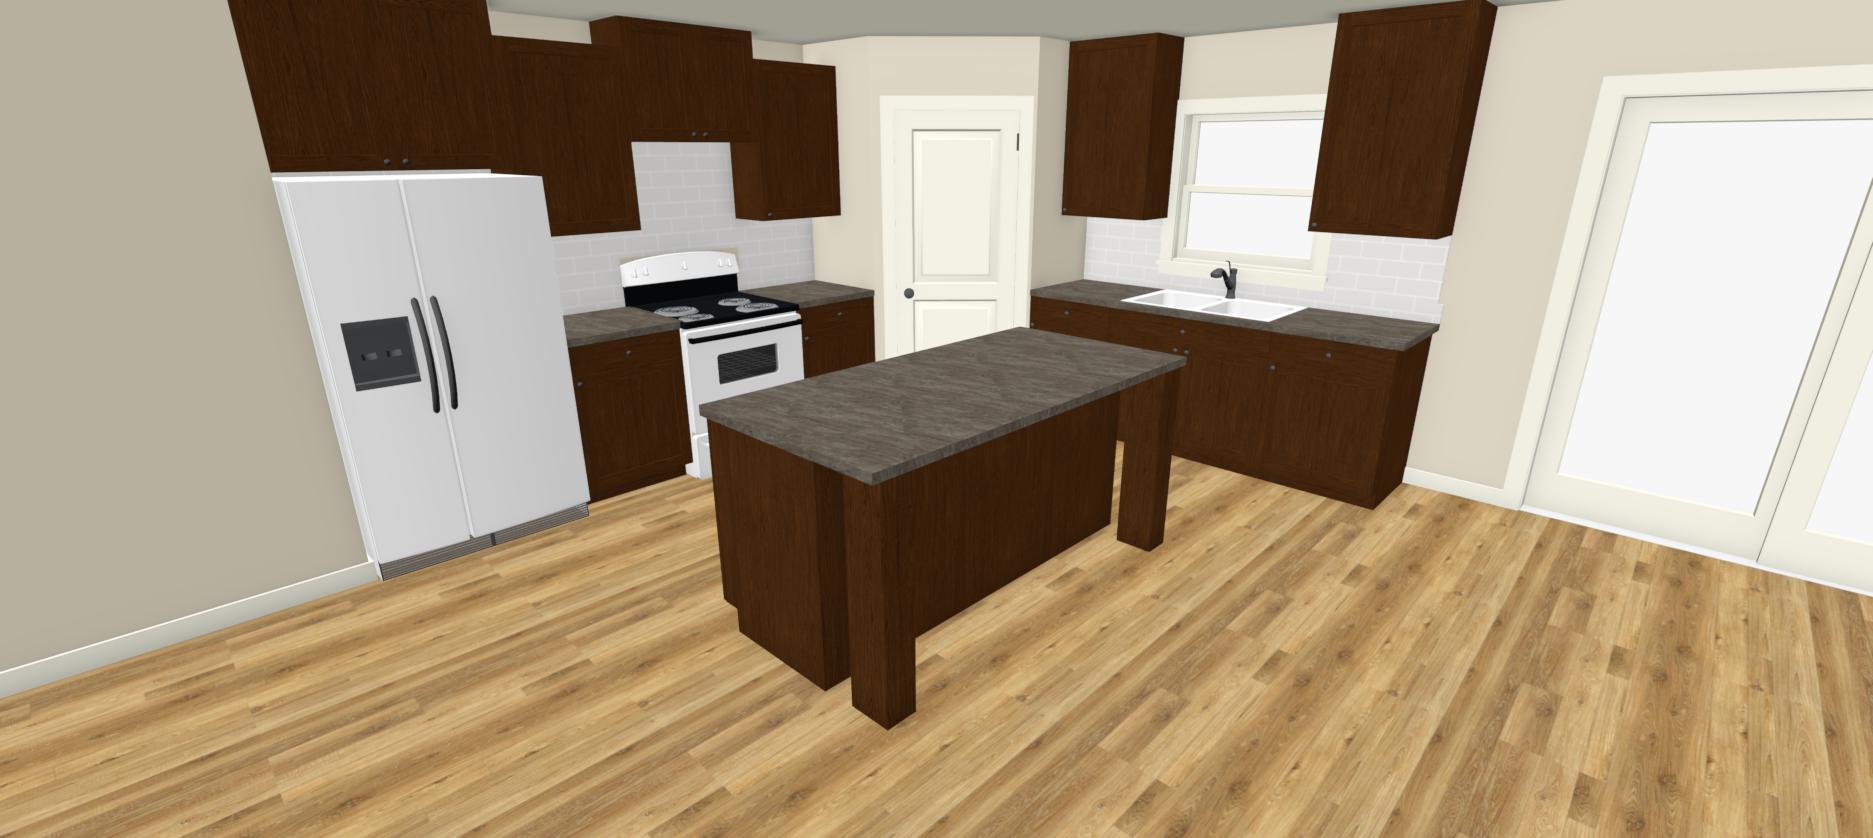 Alden Kitchen.jpg